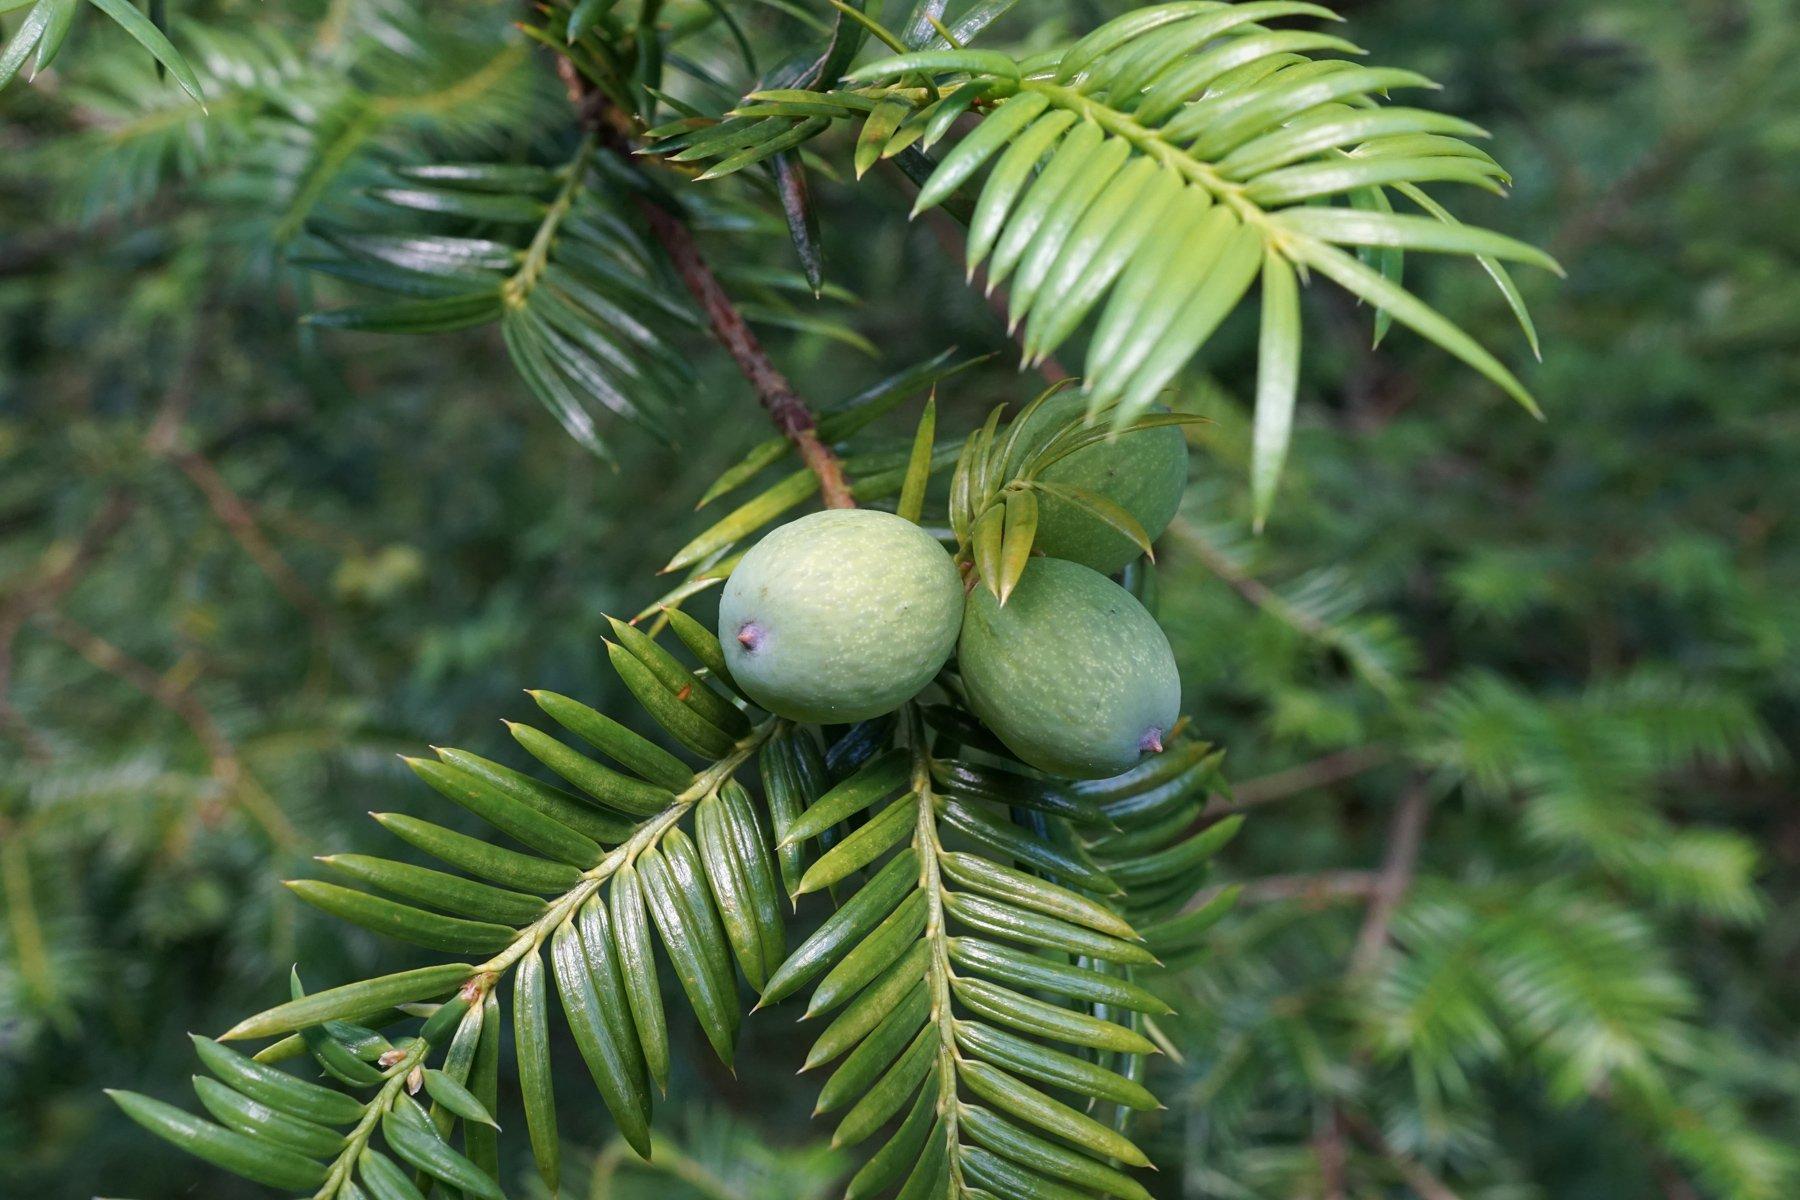 Quả Bija, một nguyên liệu quý hiếm được trồng trên hòn đảo Jeju, Hàn Quốc (ảnh: internet).